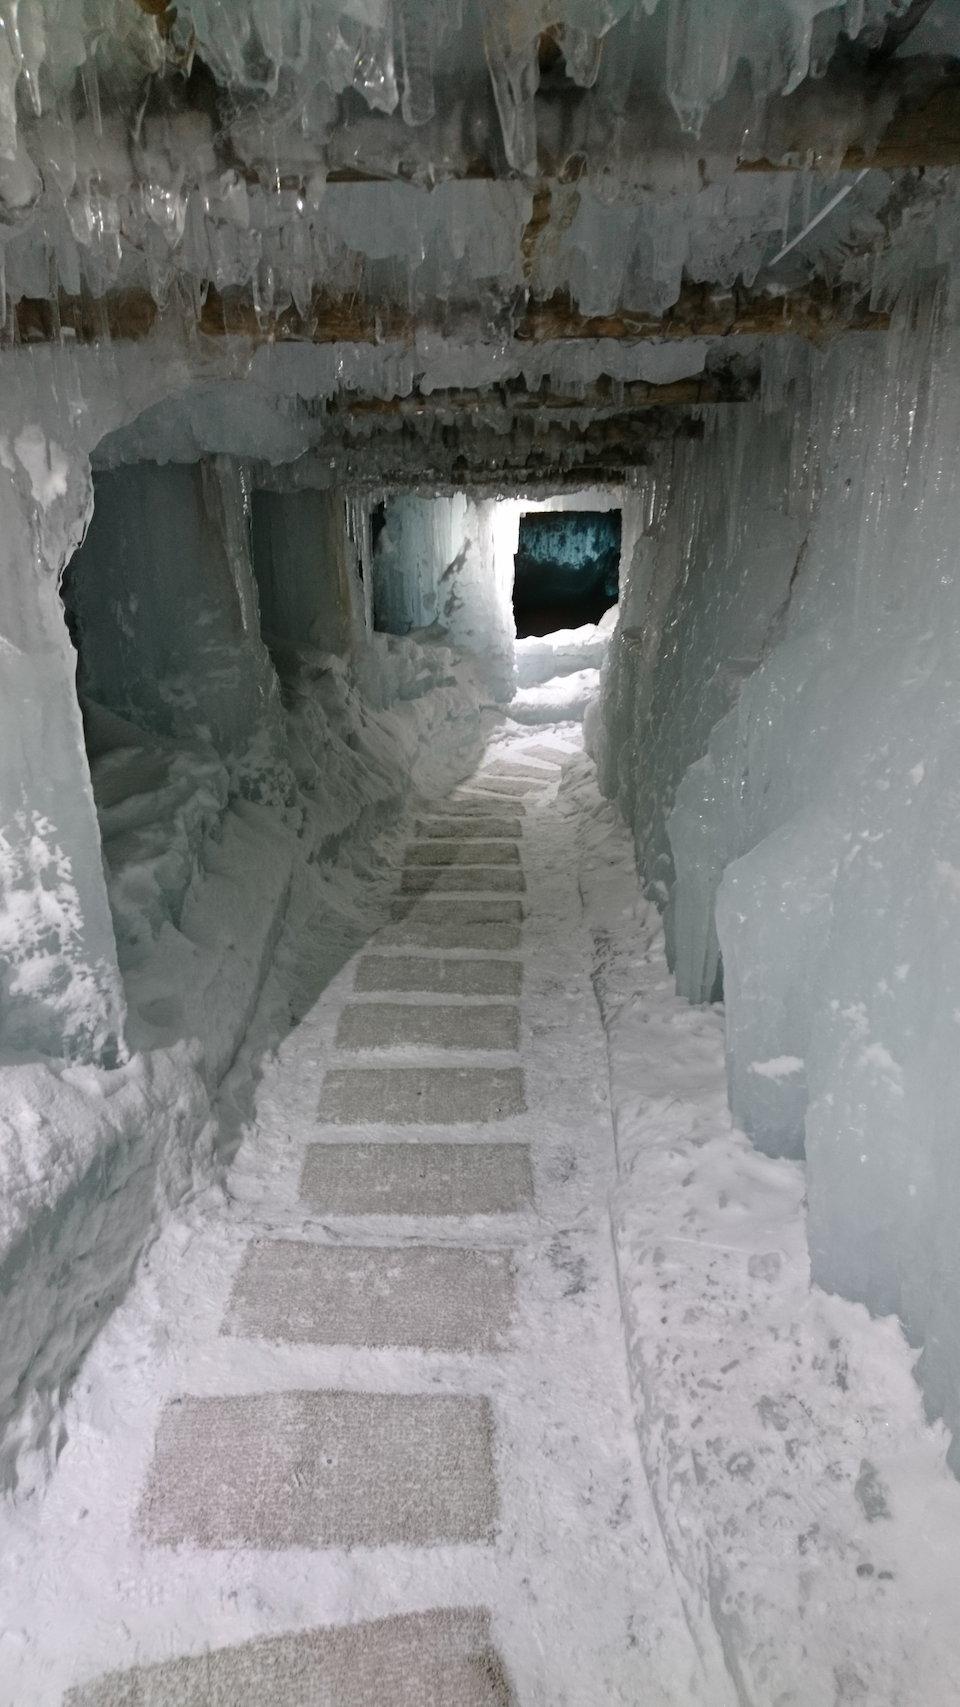 支笏湖氷濤まつり天空回廊下り螺旋通路続き